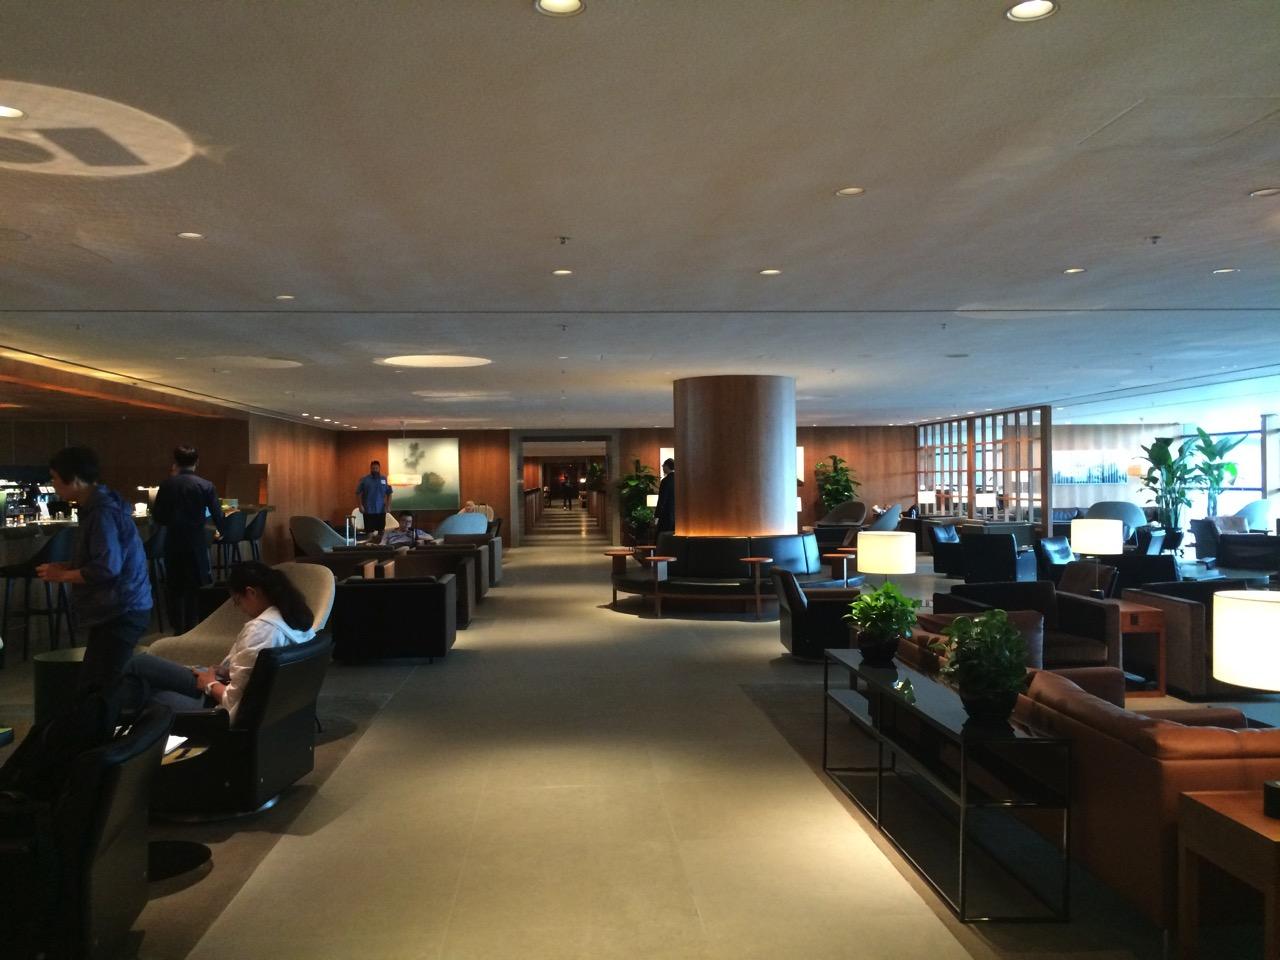 香港国際空港 キャセイパシフィック航空ビジネスラウンジ